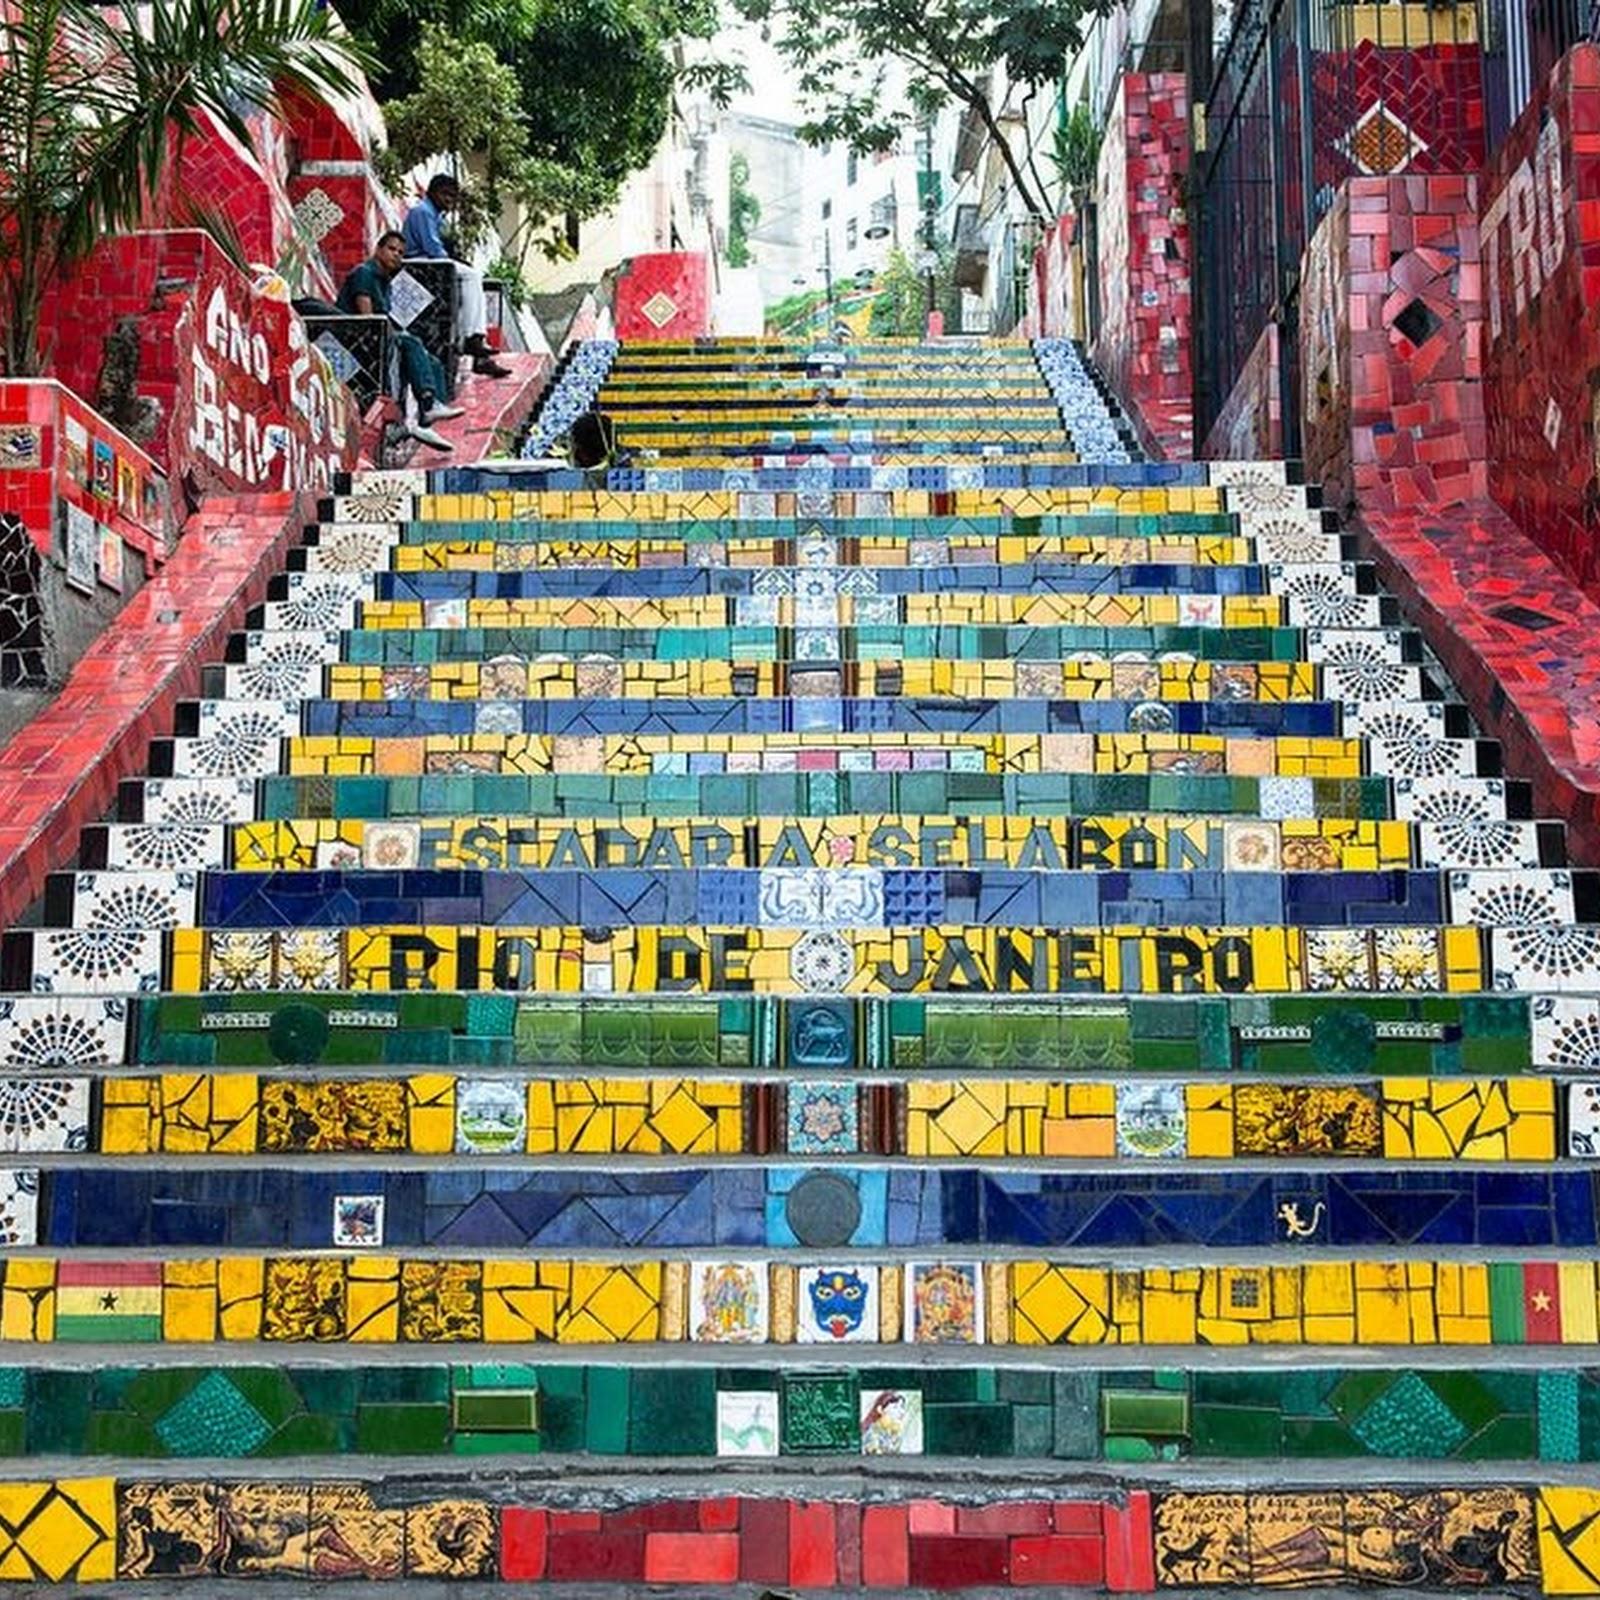 The Selaron Steps of Rio de Janeiro